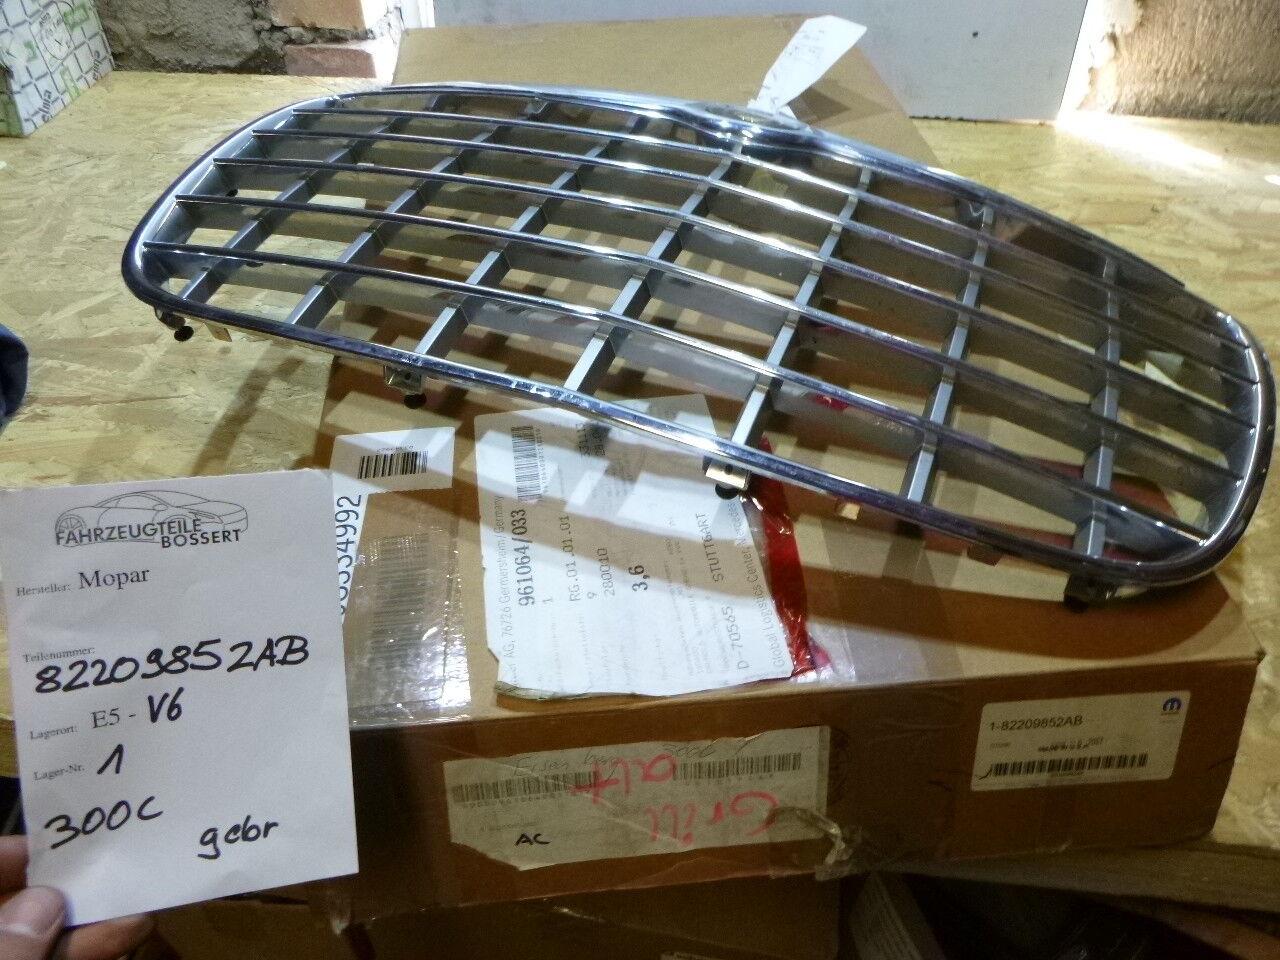 Chrysler 300C 300 C '00-'05 Kühlergrill Grill Mopar Frontgrill Grille 82209852AB